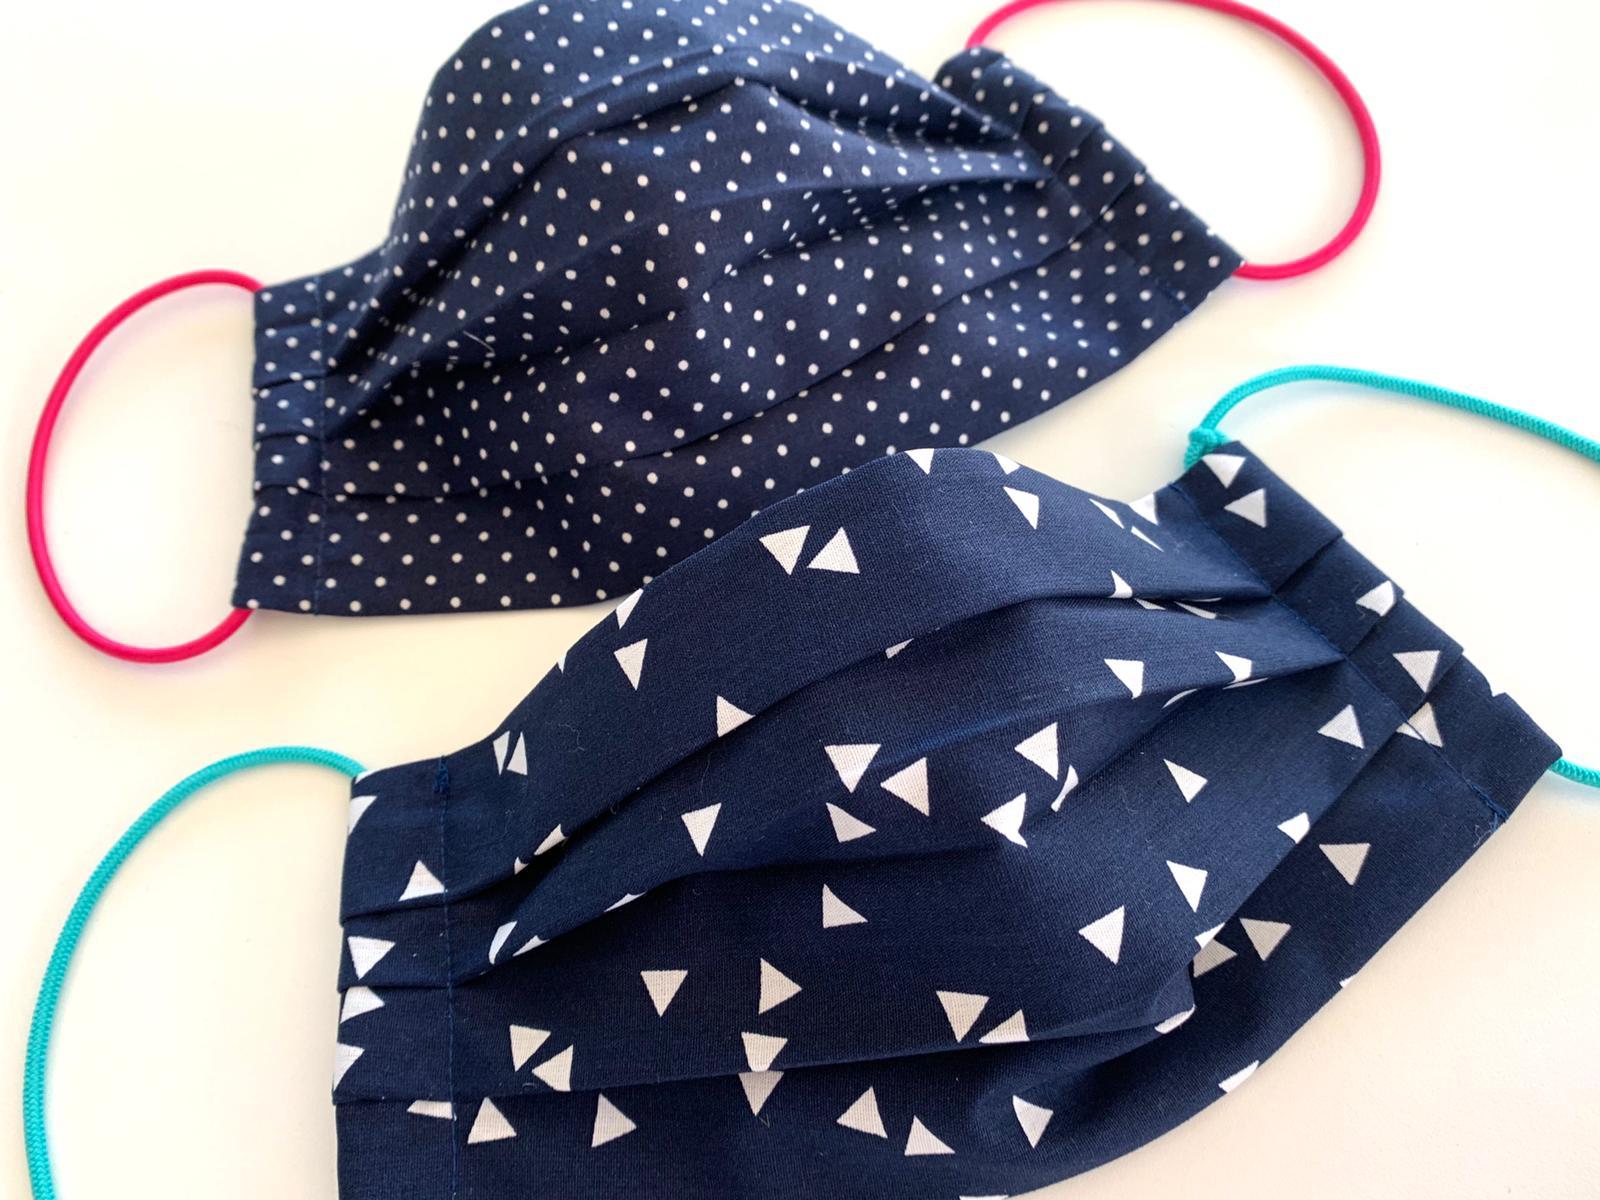 CoverUp X Blau Kleine Punkte oder Dreieck